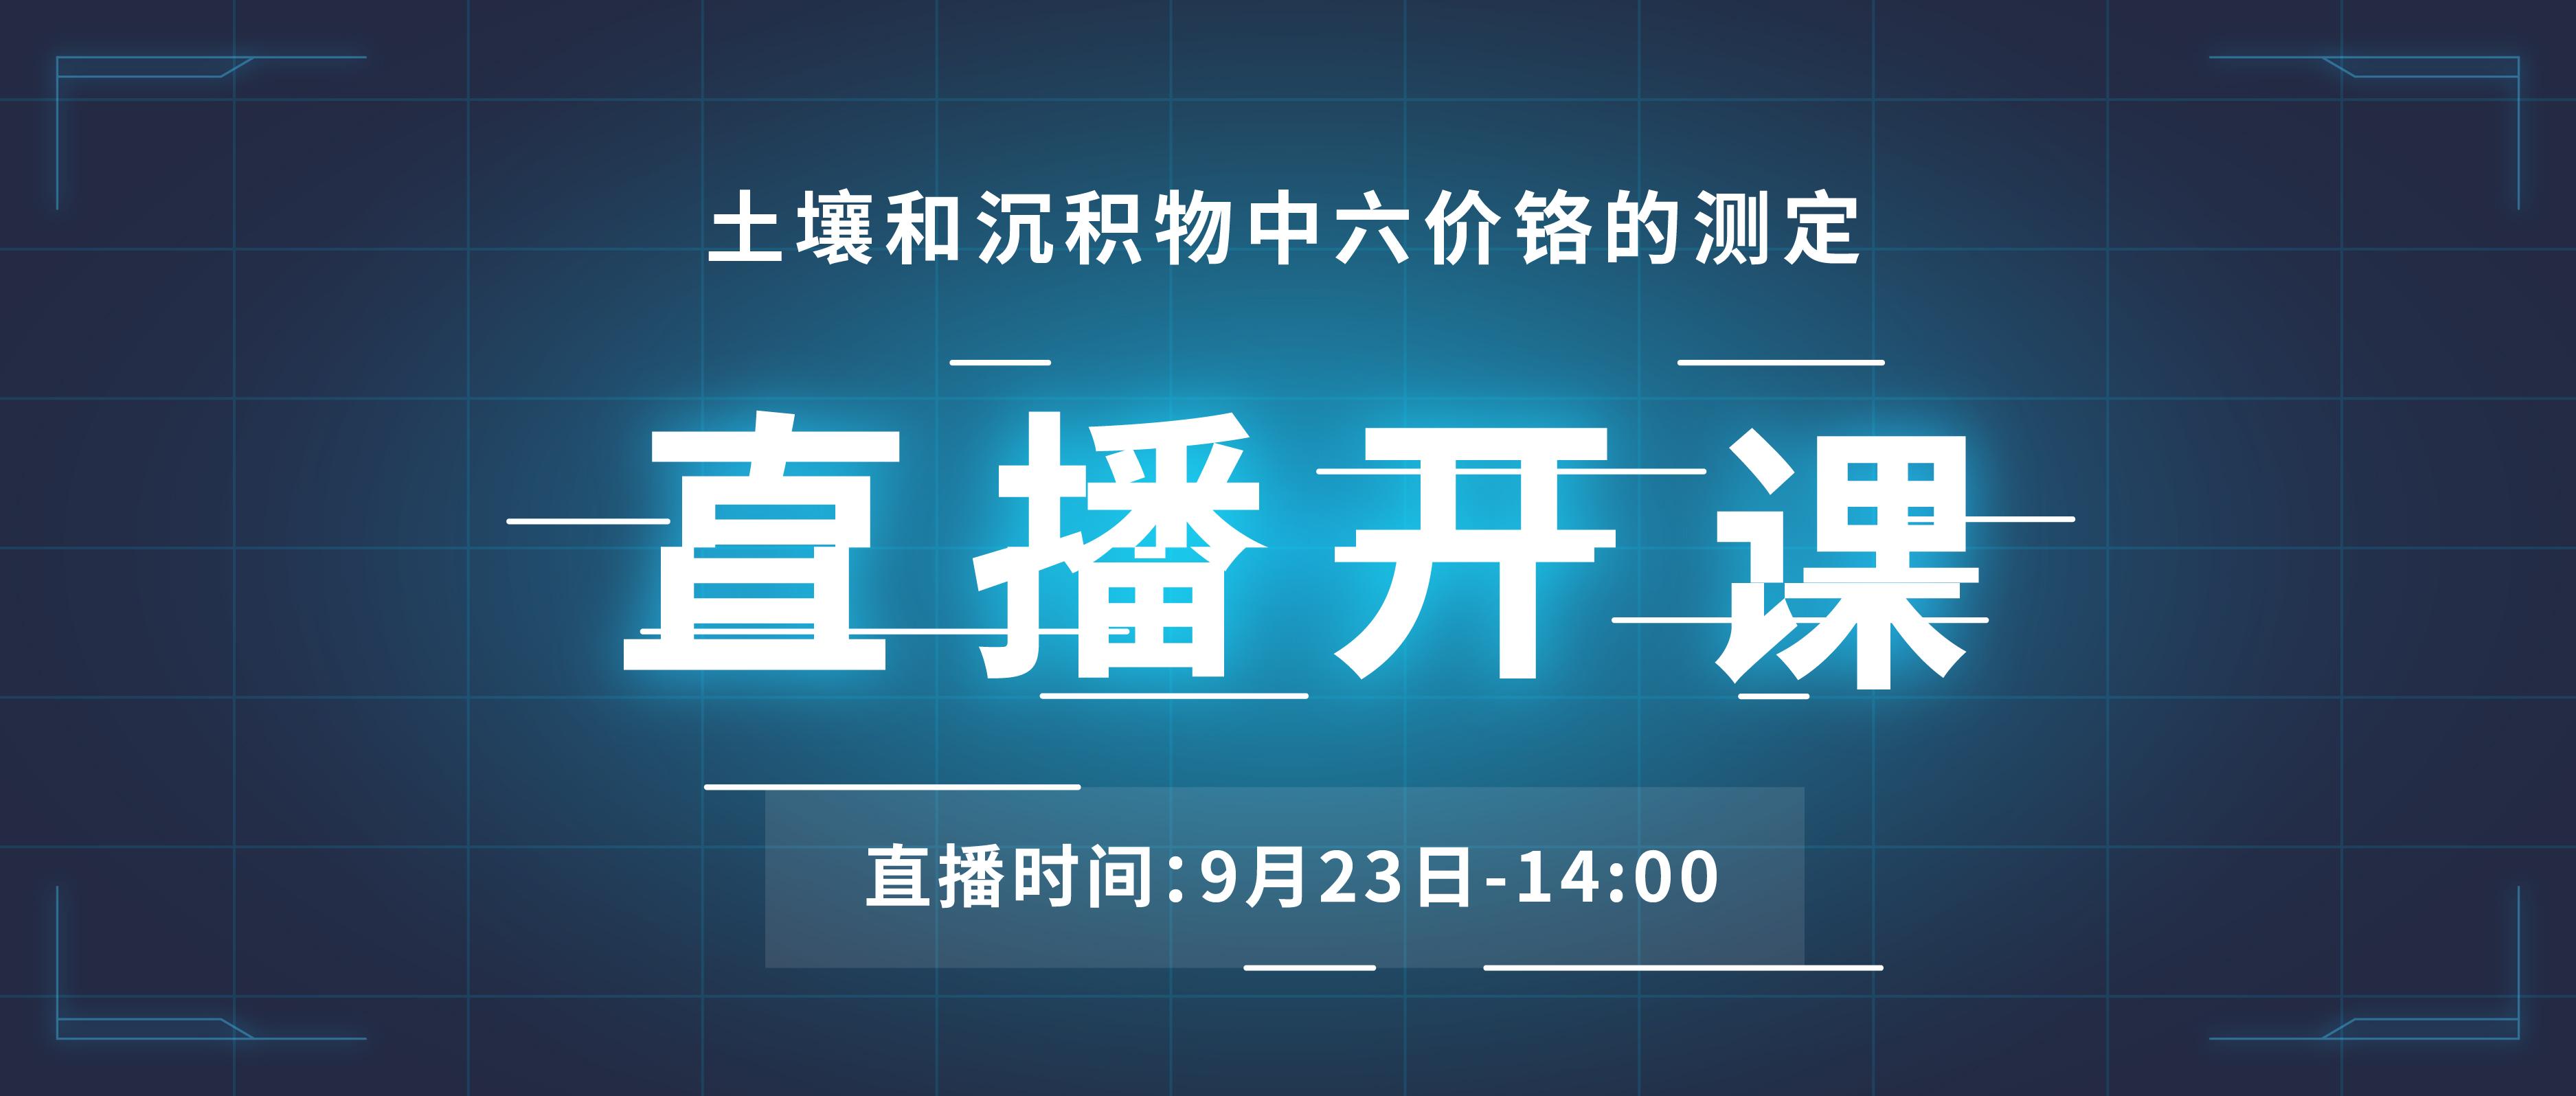 【大咖来袭】王燕萍老师邀您参加土壤和沉积物中六价铬的测定直播培训!